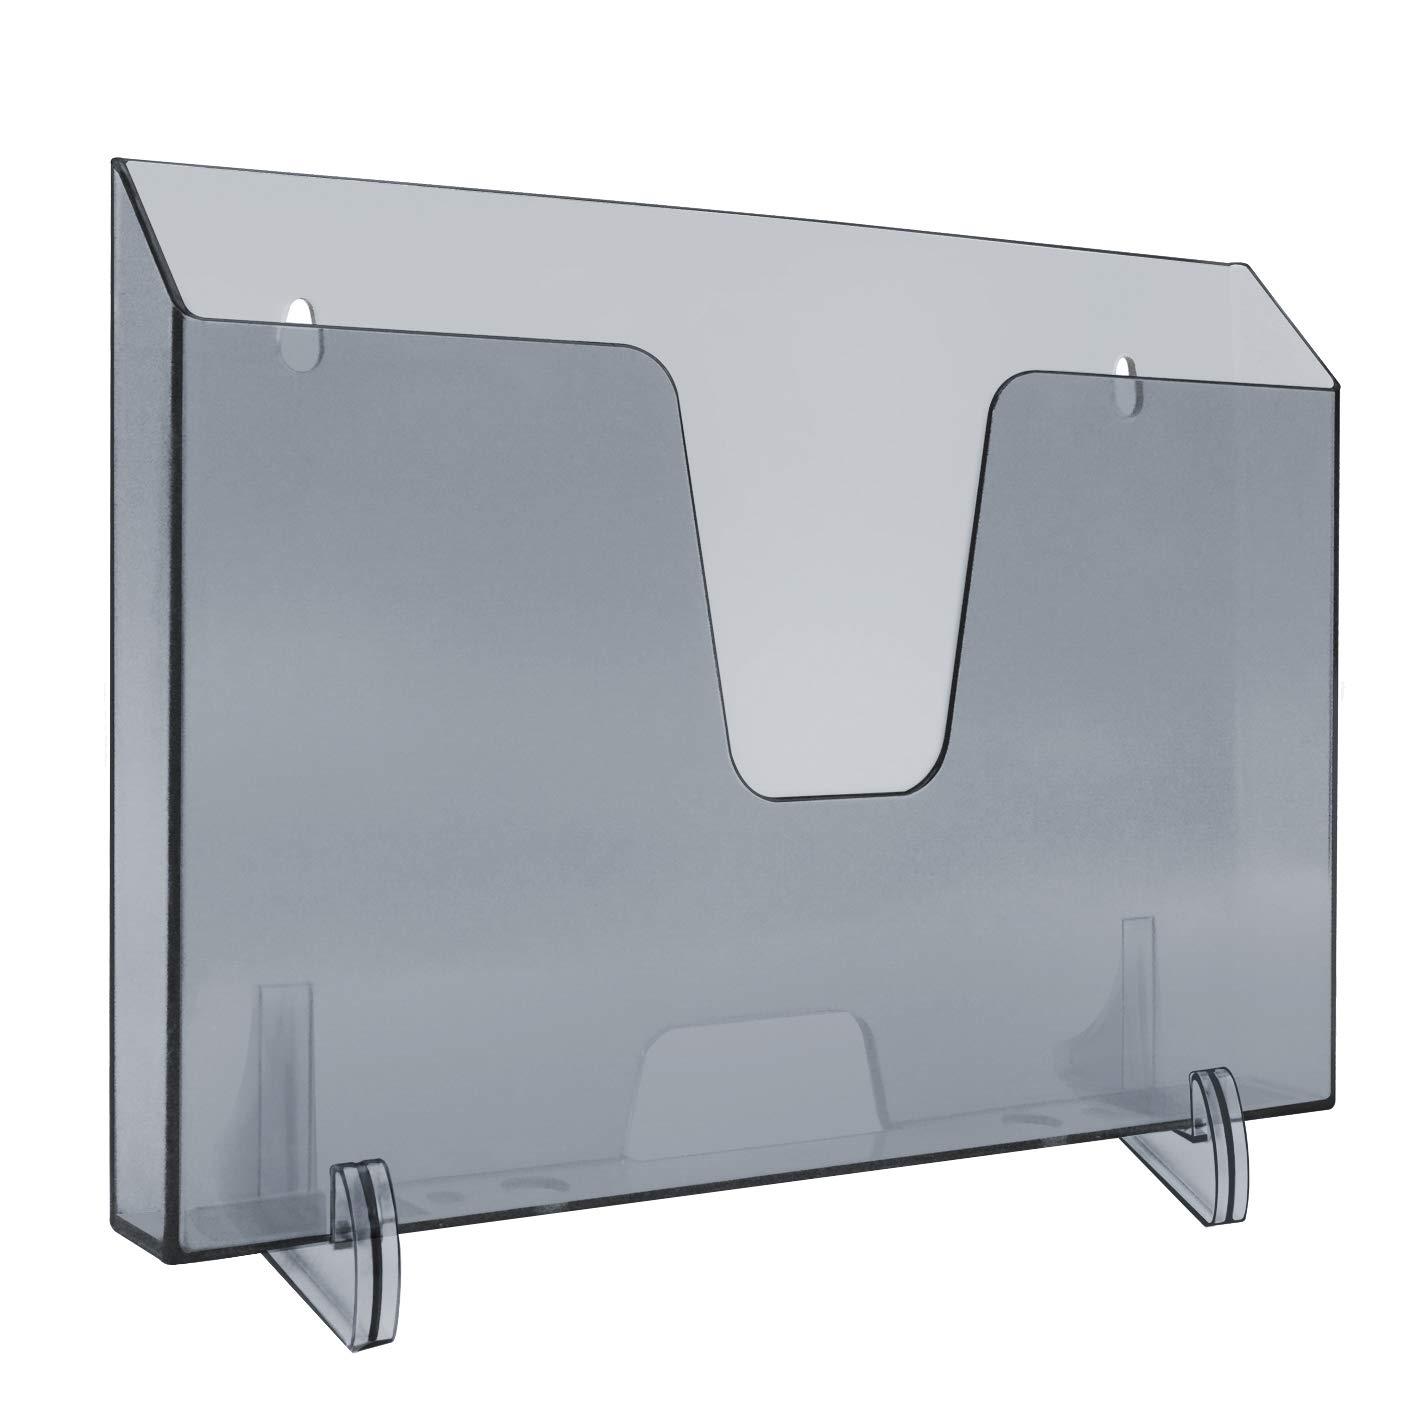 Acrimet Pocket File Horizontal Display (mit Schreibtisch Halterungen) (Smoke Farbe)